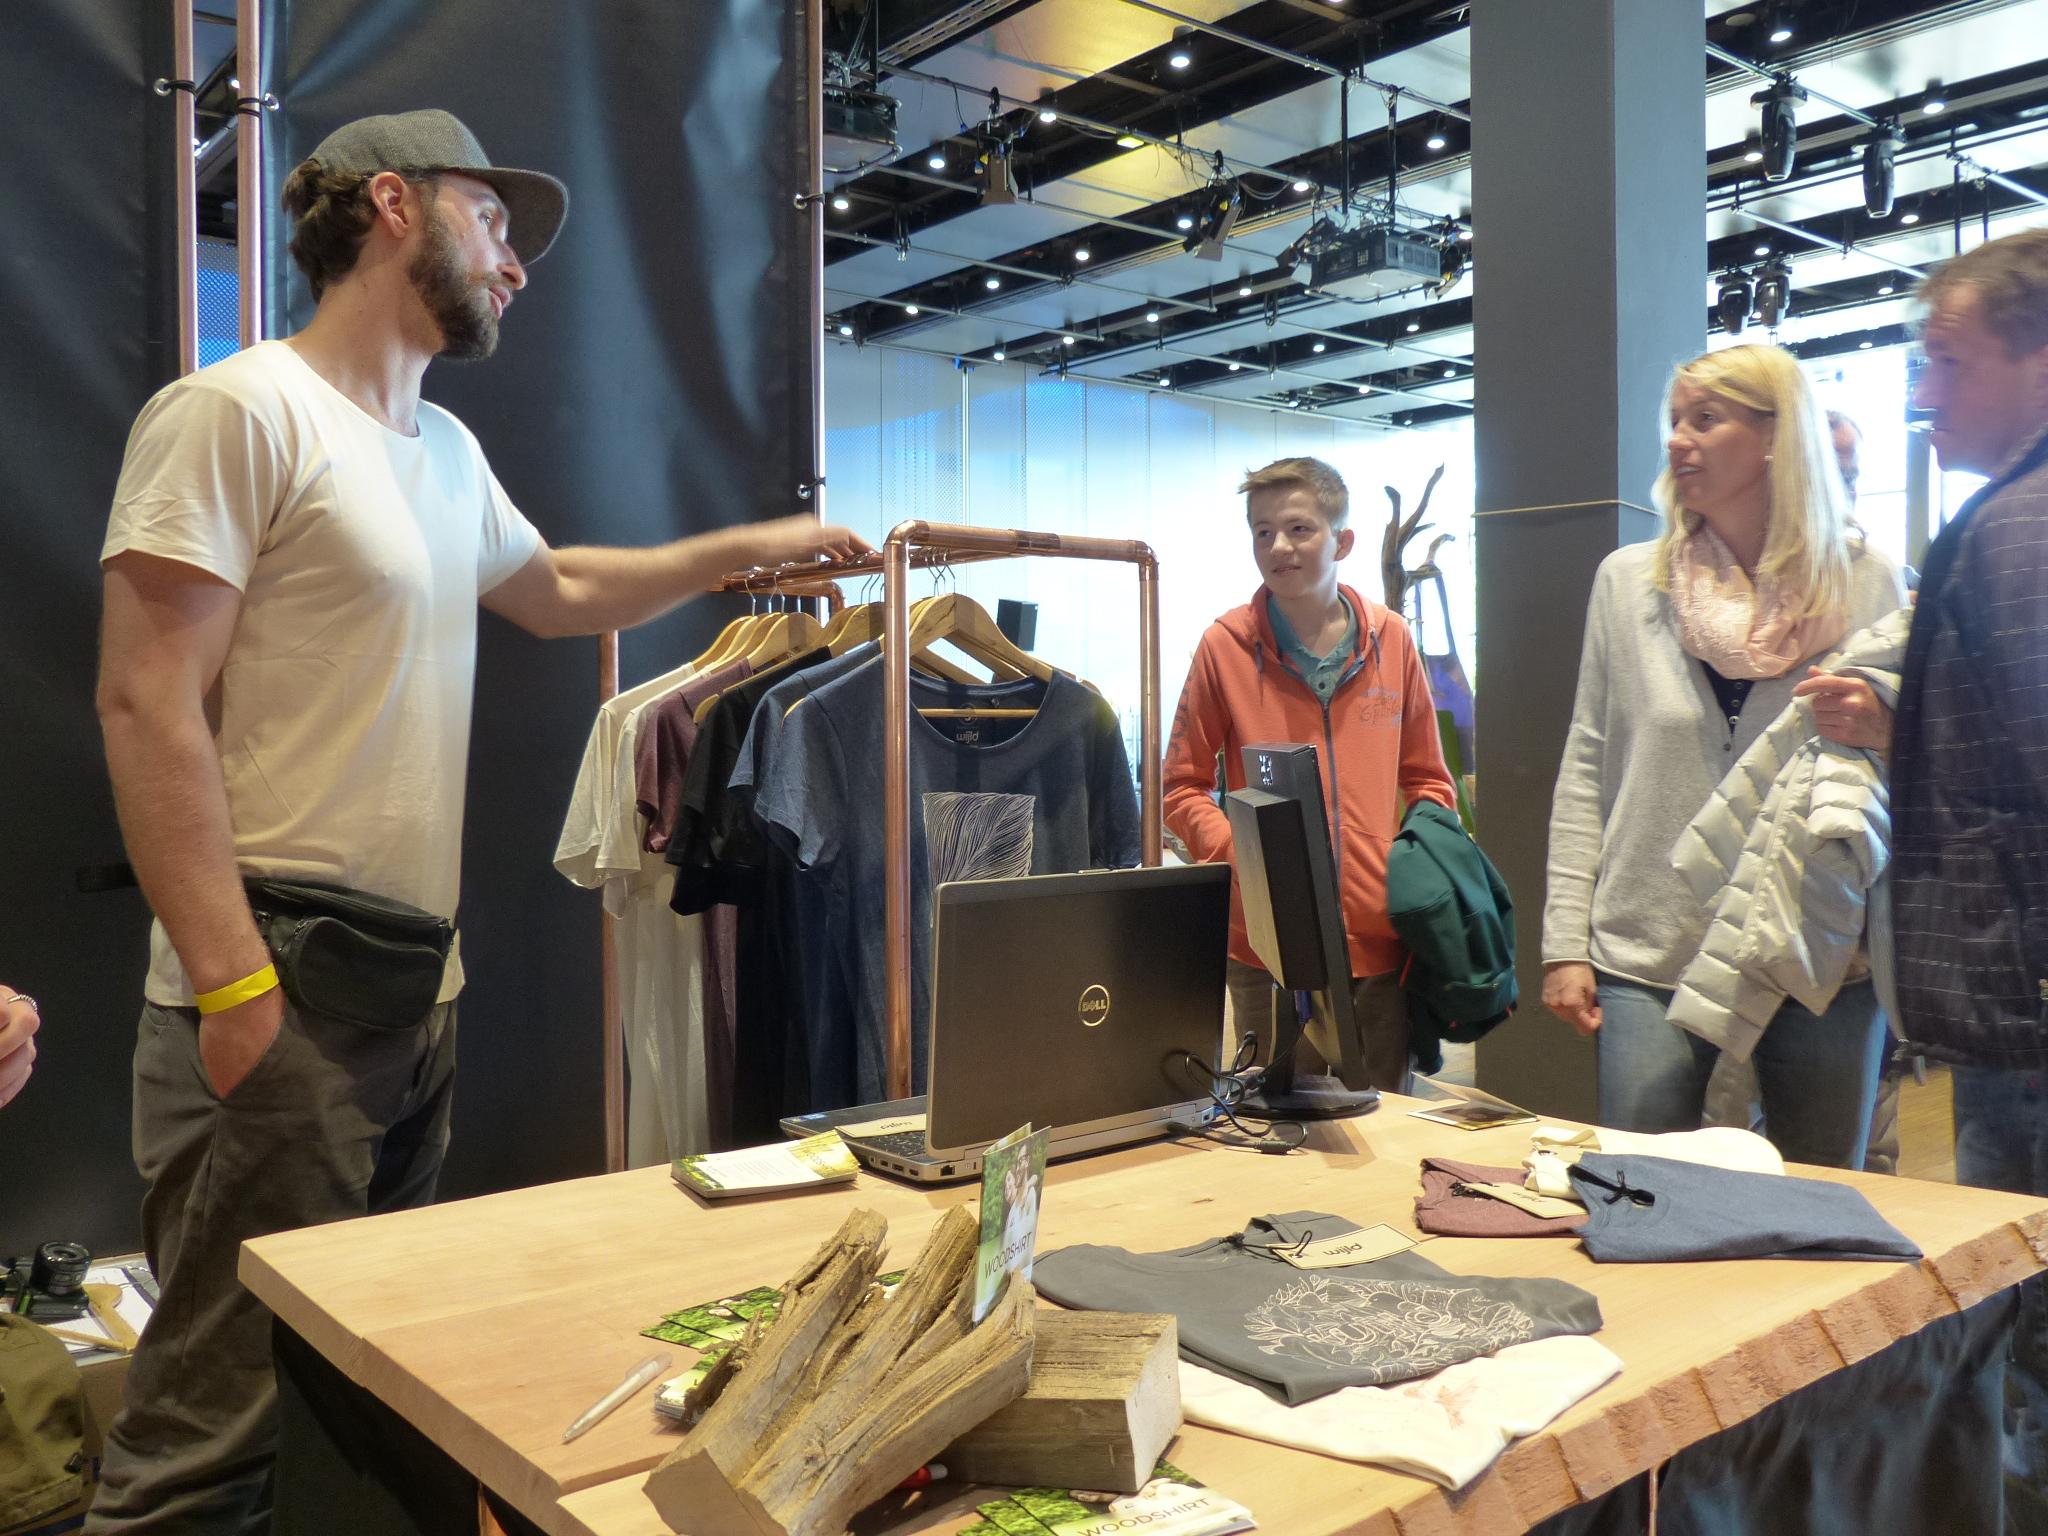 Interessierte Besucher durch alle Altersklassen blieben neugierig an dem Messestand stehen. Timo Beelow erklärt den Interessierten an der Messe den Produktionsweg der WoodShirt.